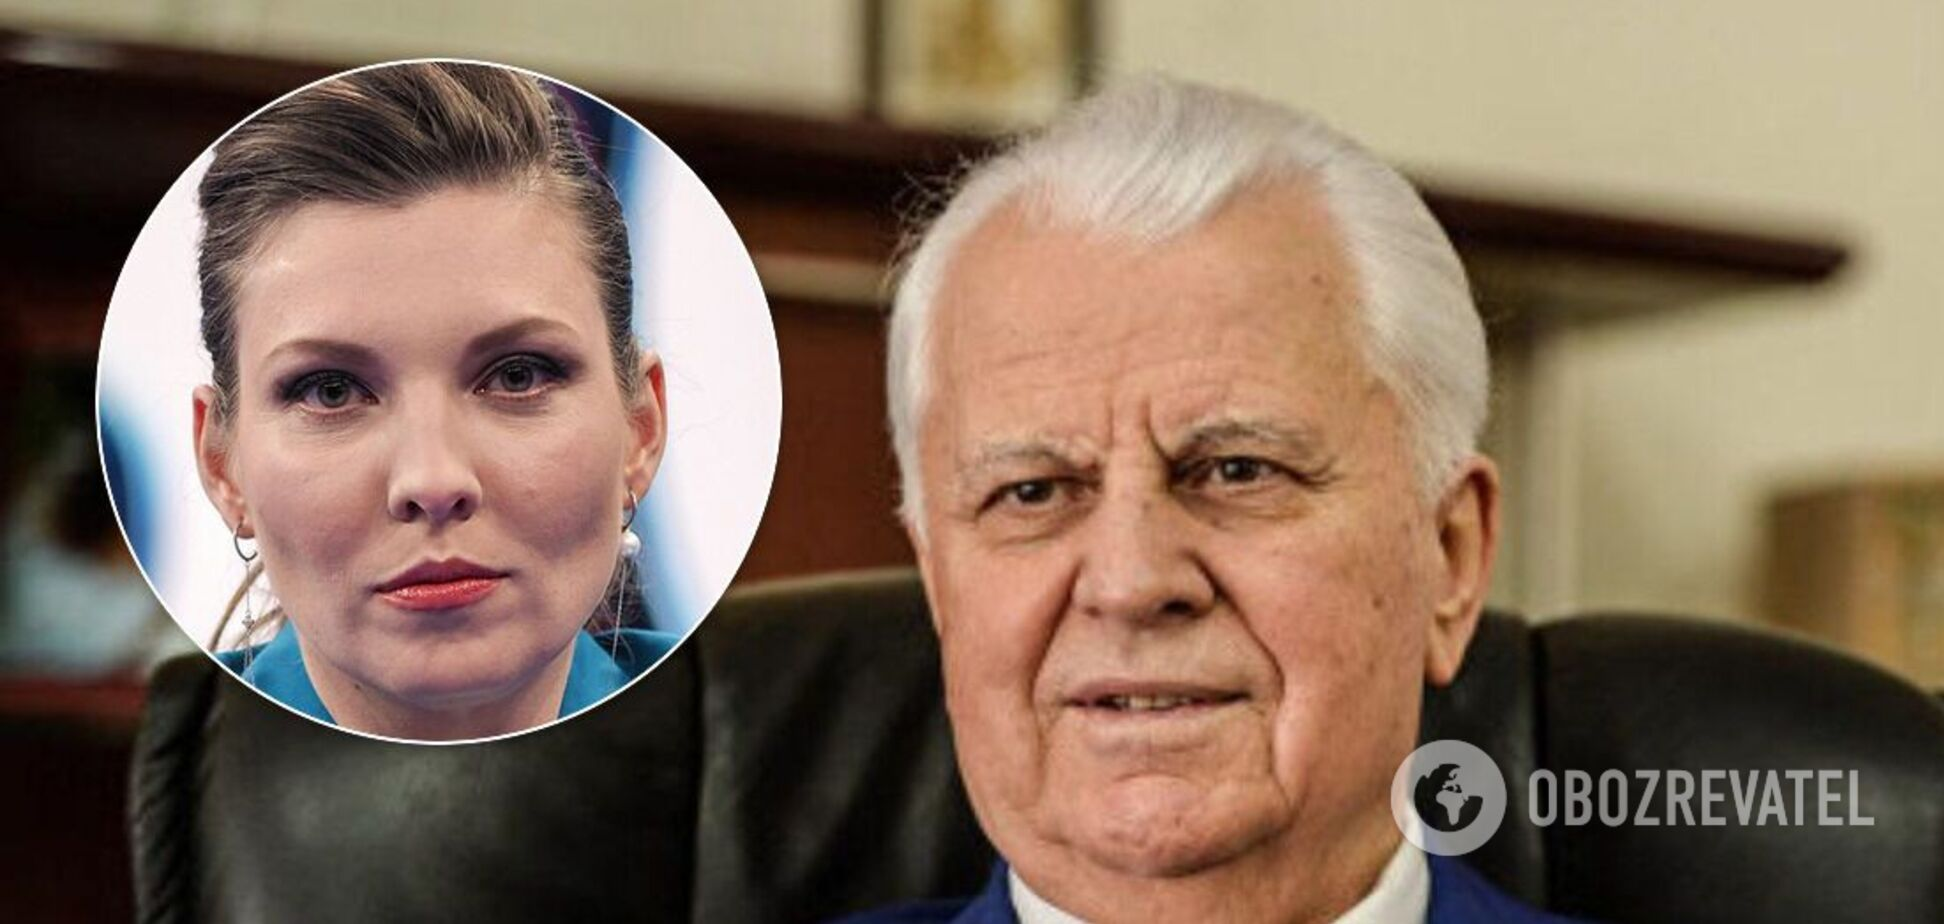 Леонід Кравчук виправдався за розмову з Ольгою Скабєєвою